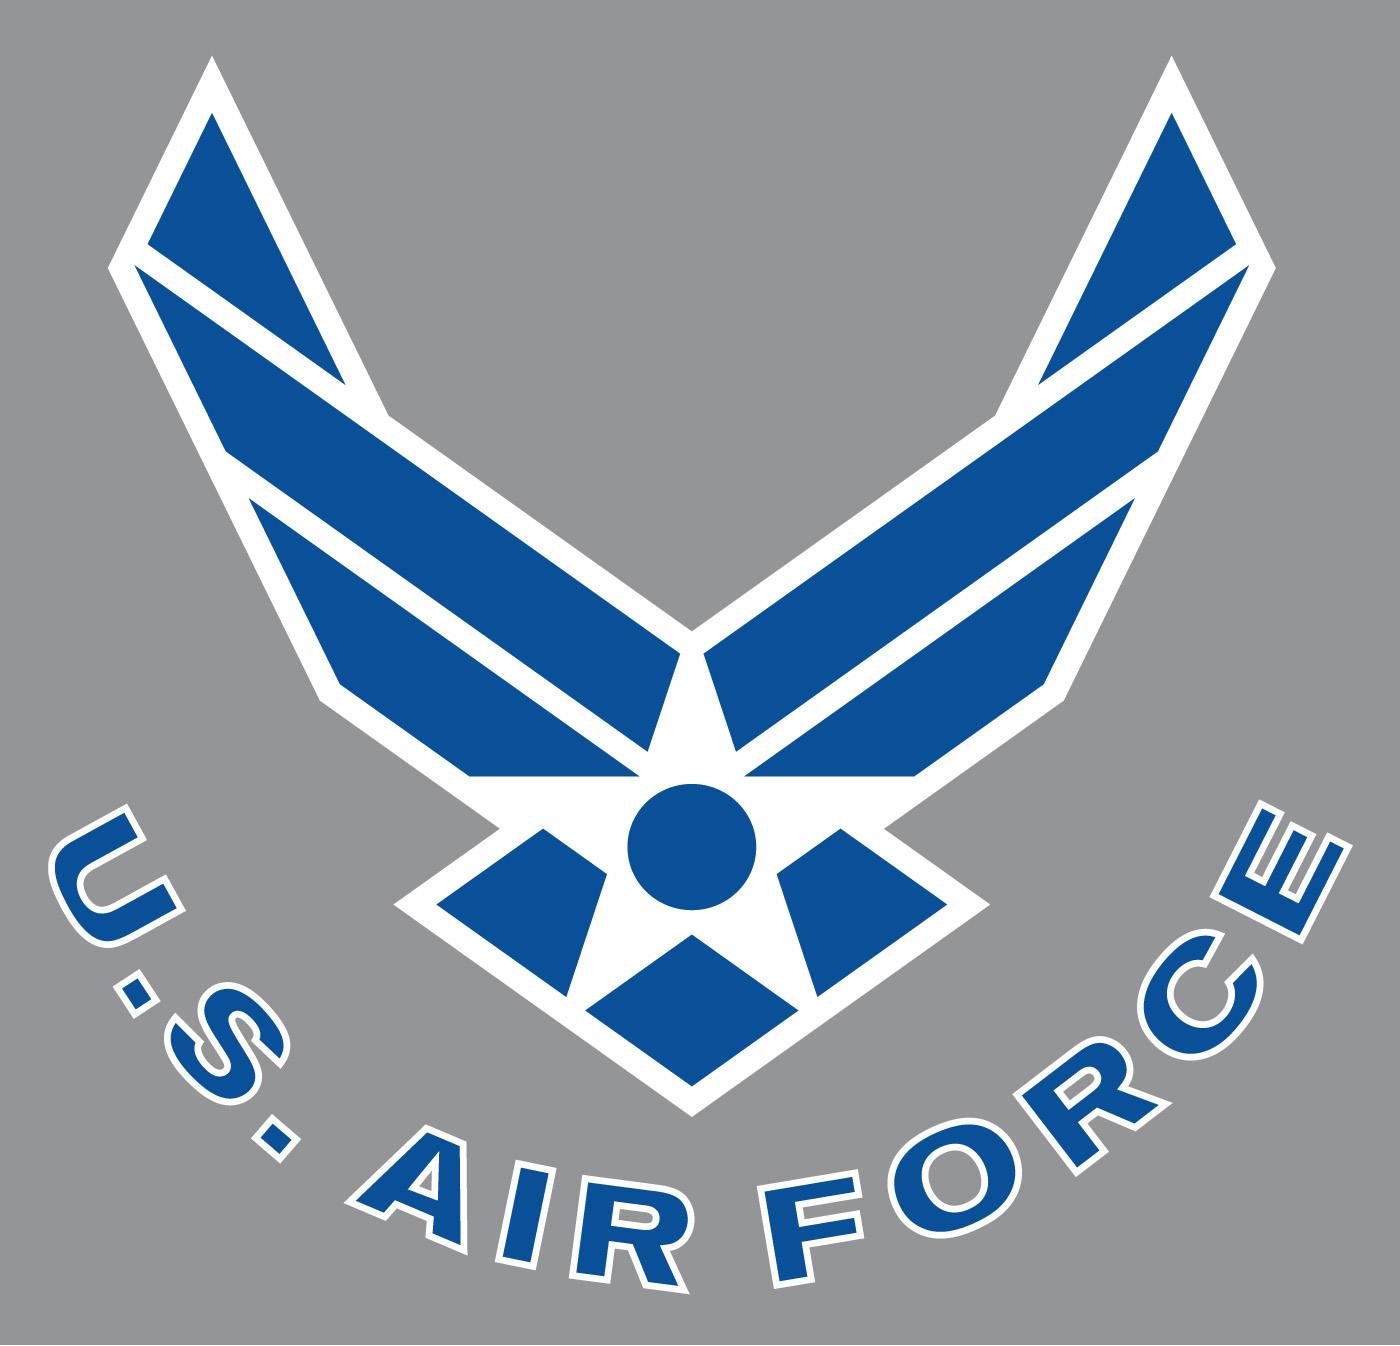 Air Force Symbol